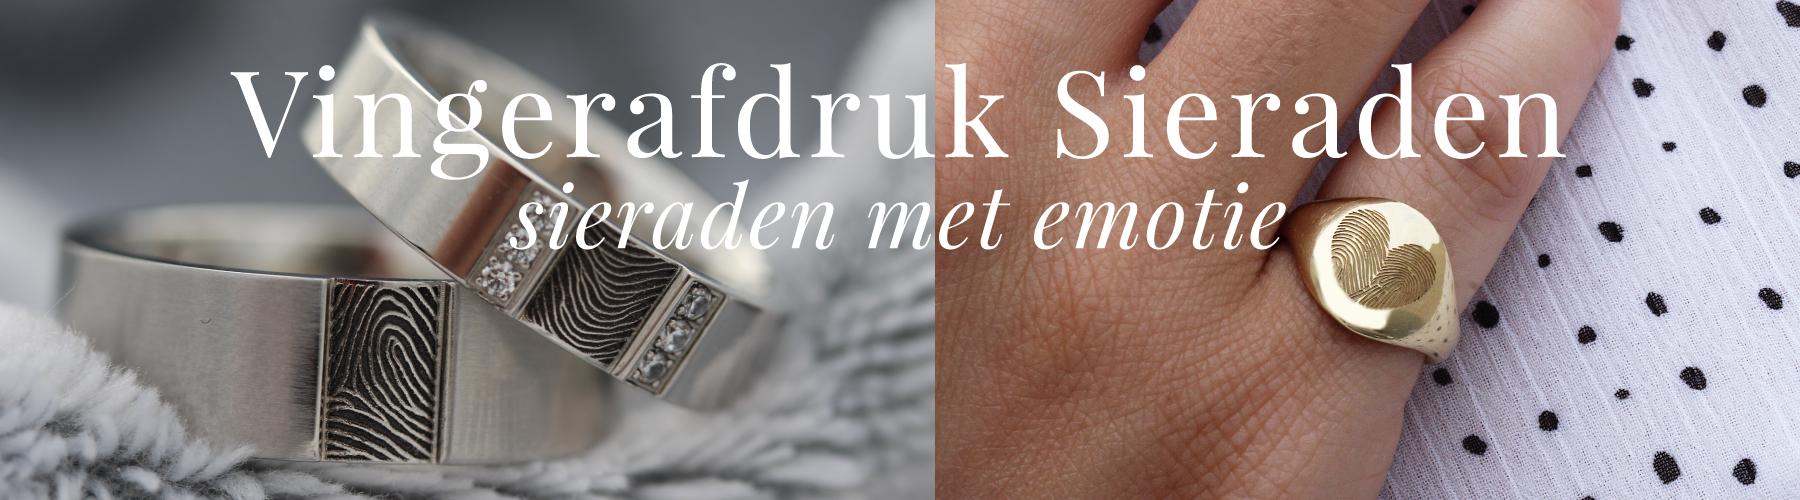 Vingerafdruk-sieraden-gedenksieraden-herinnering-dierbare-bij-Wolters-Juweliers-Coevorden-Emmen